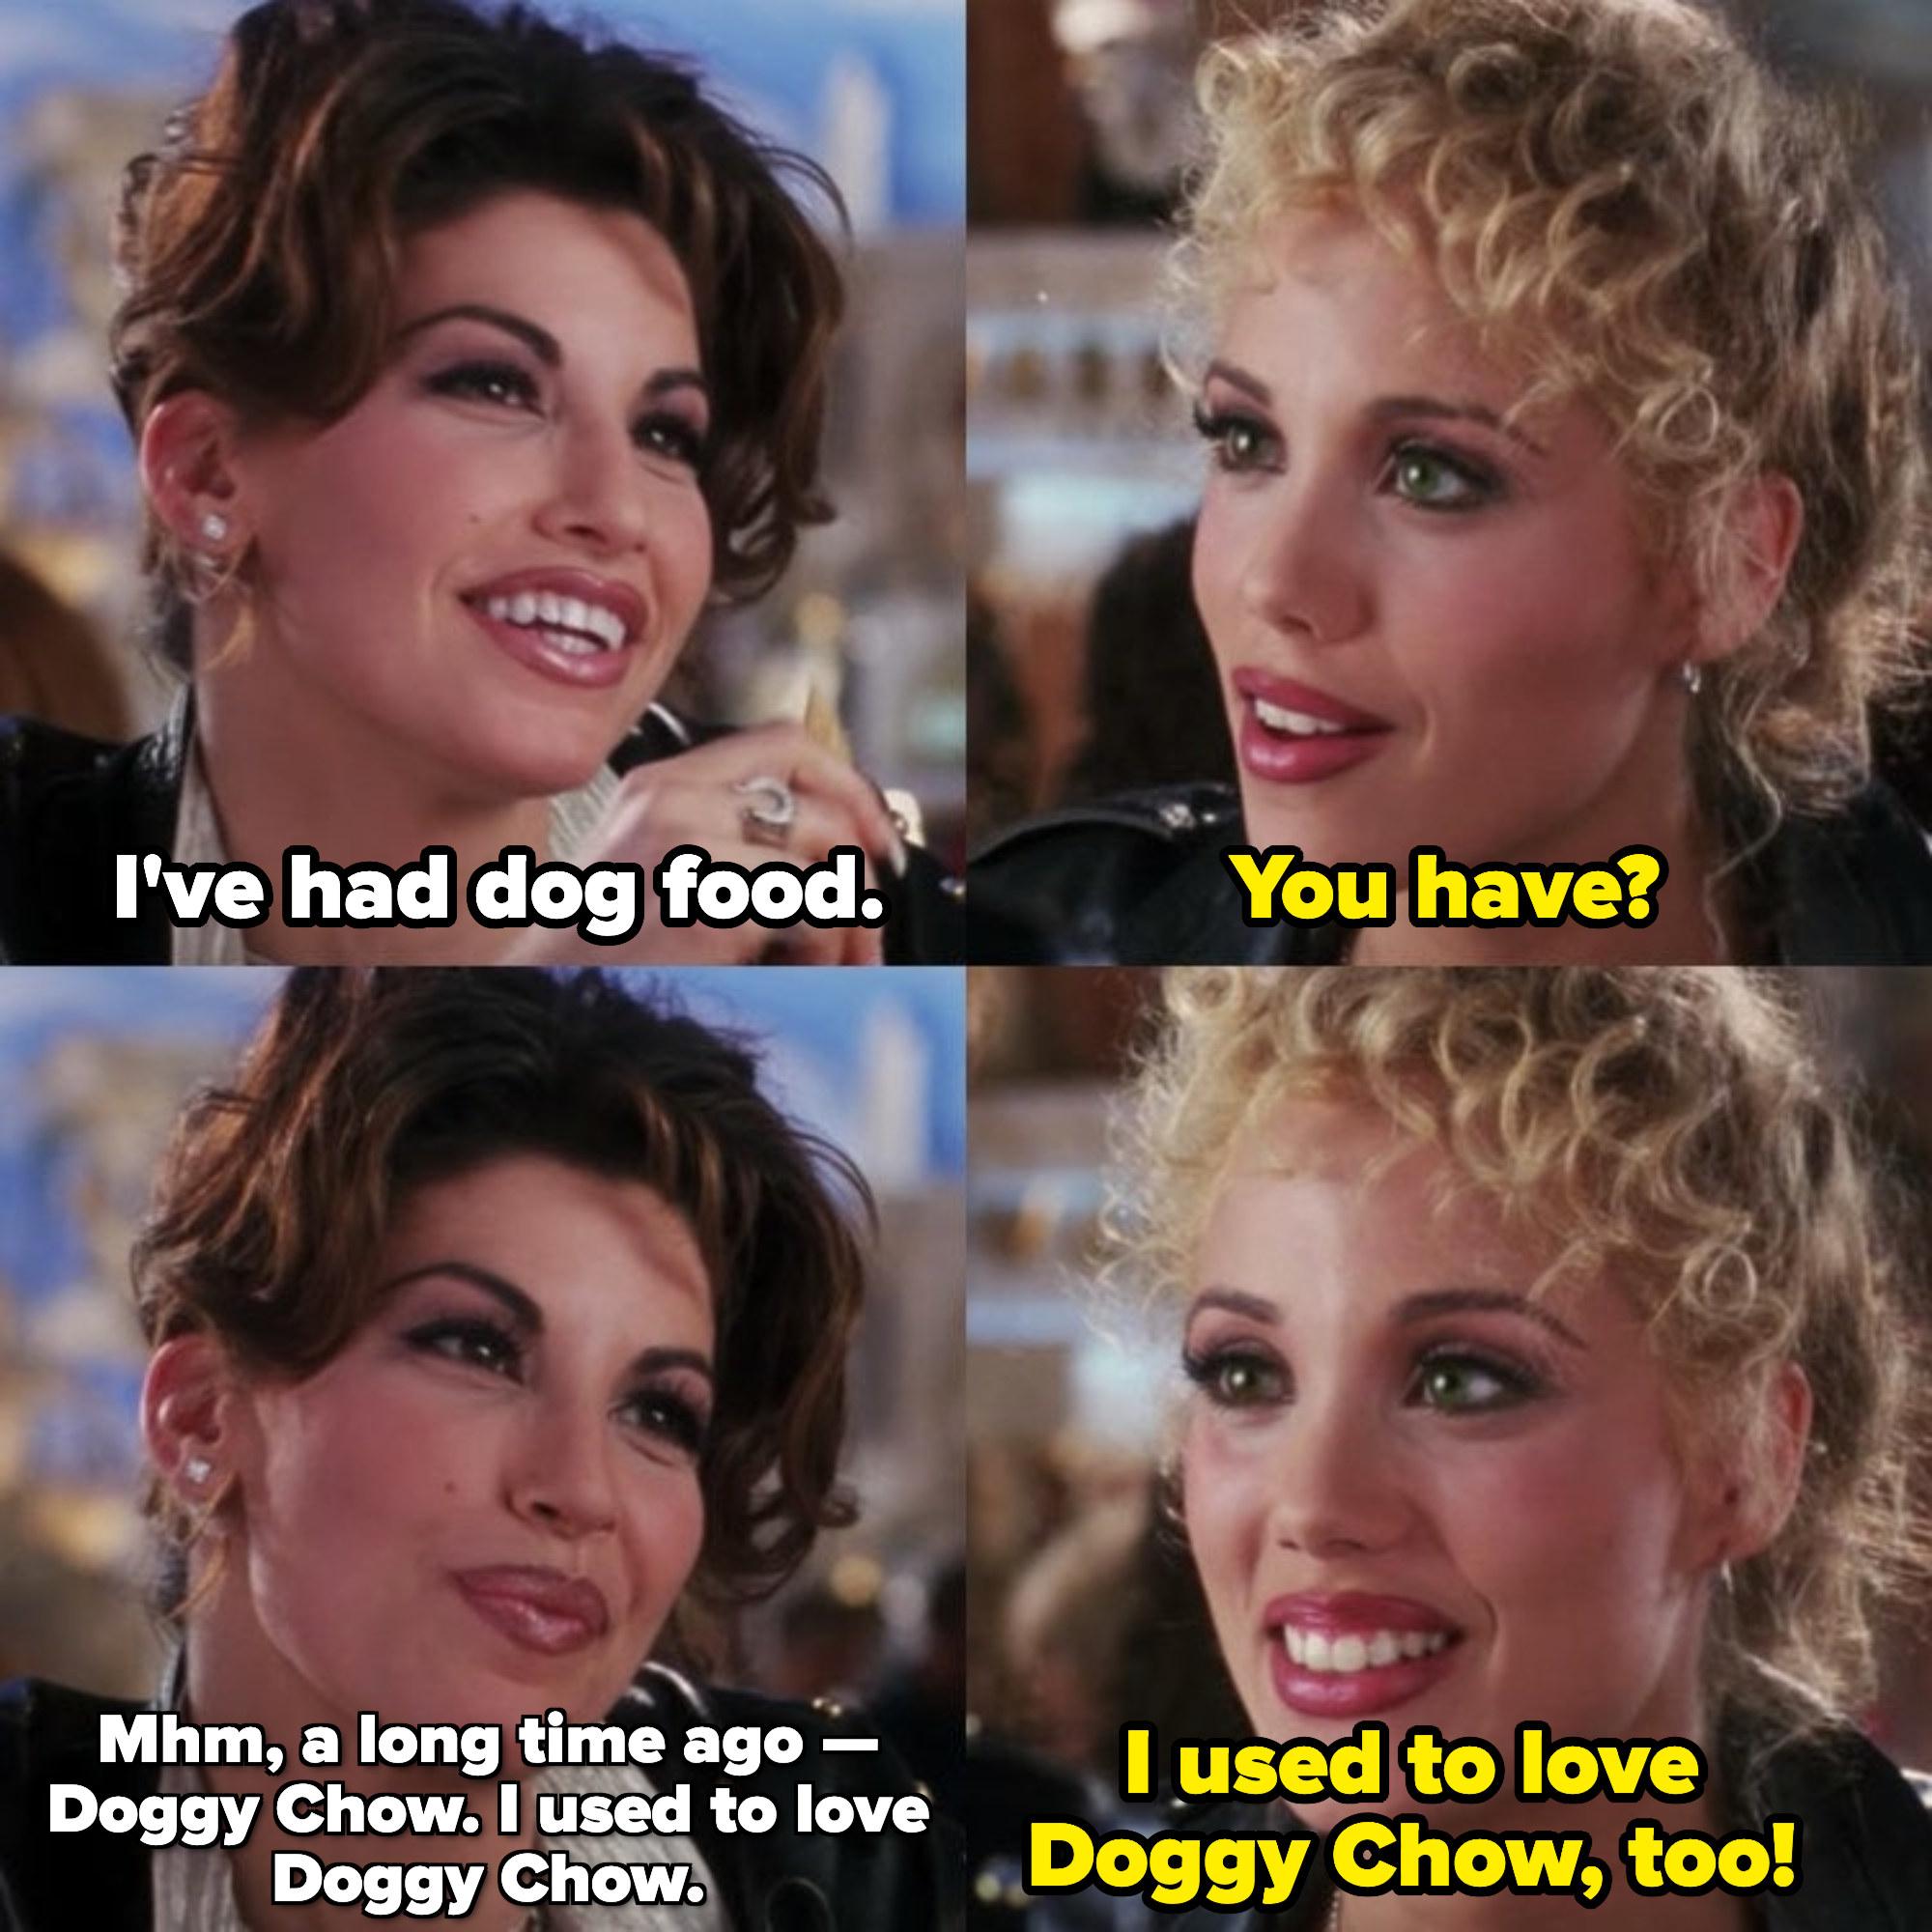 """克里斯托:""""我是说;我';我吃了狗粮;诺米:"""";你有吗;克里斯托:""""我是说;很久以前——狗周。我以前很喜欢狗周;诺米:"""";我以前也喜欢狗周&引用;"""